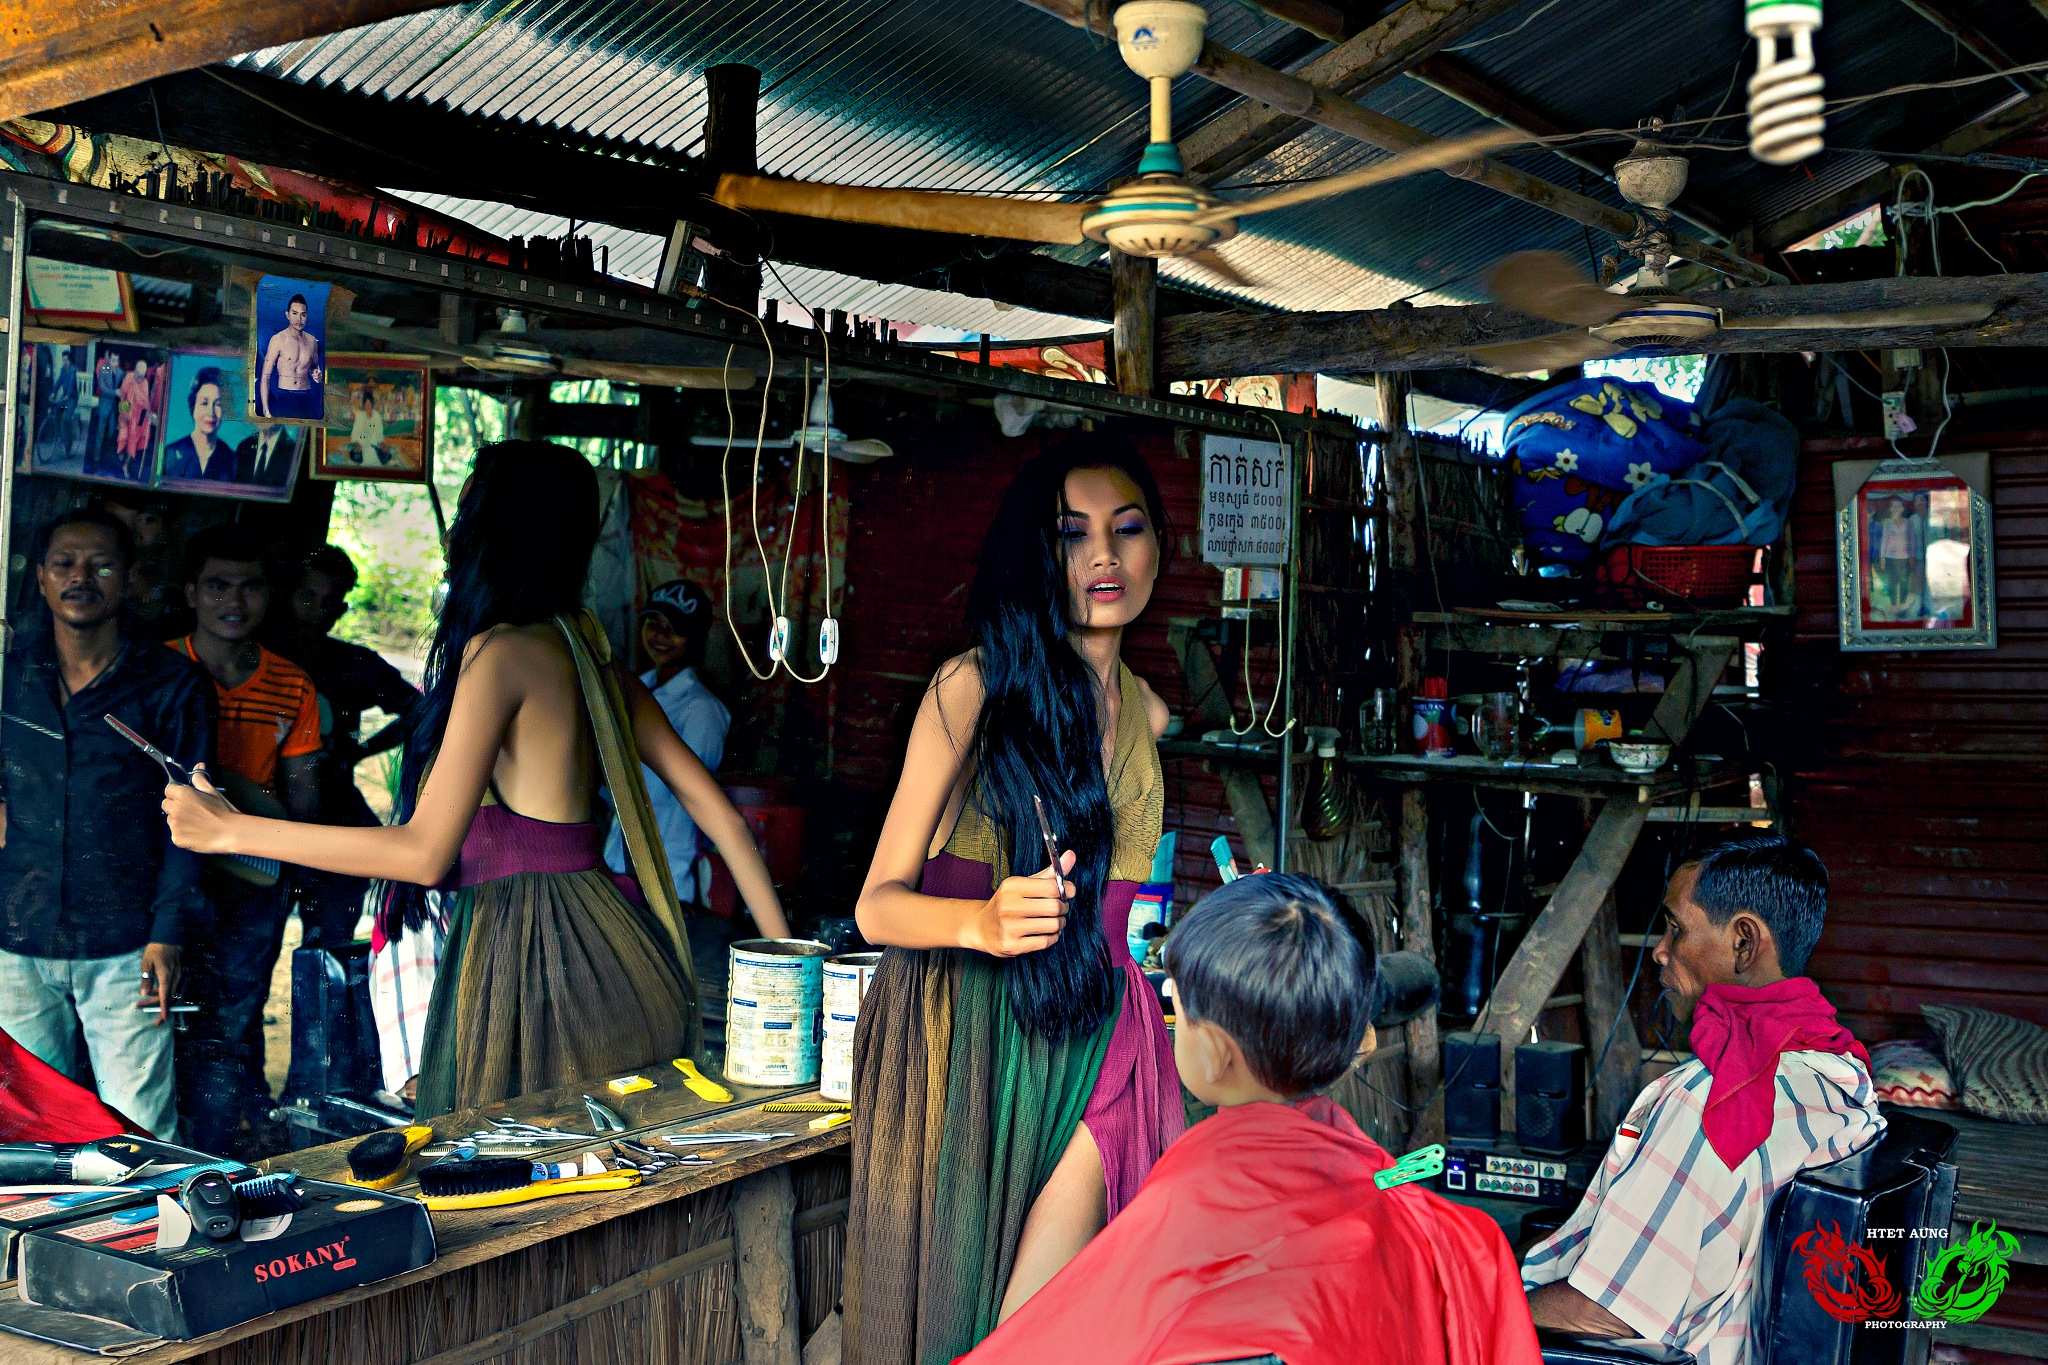 Barber Shop by Htet Aung